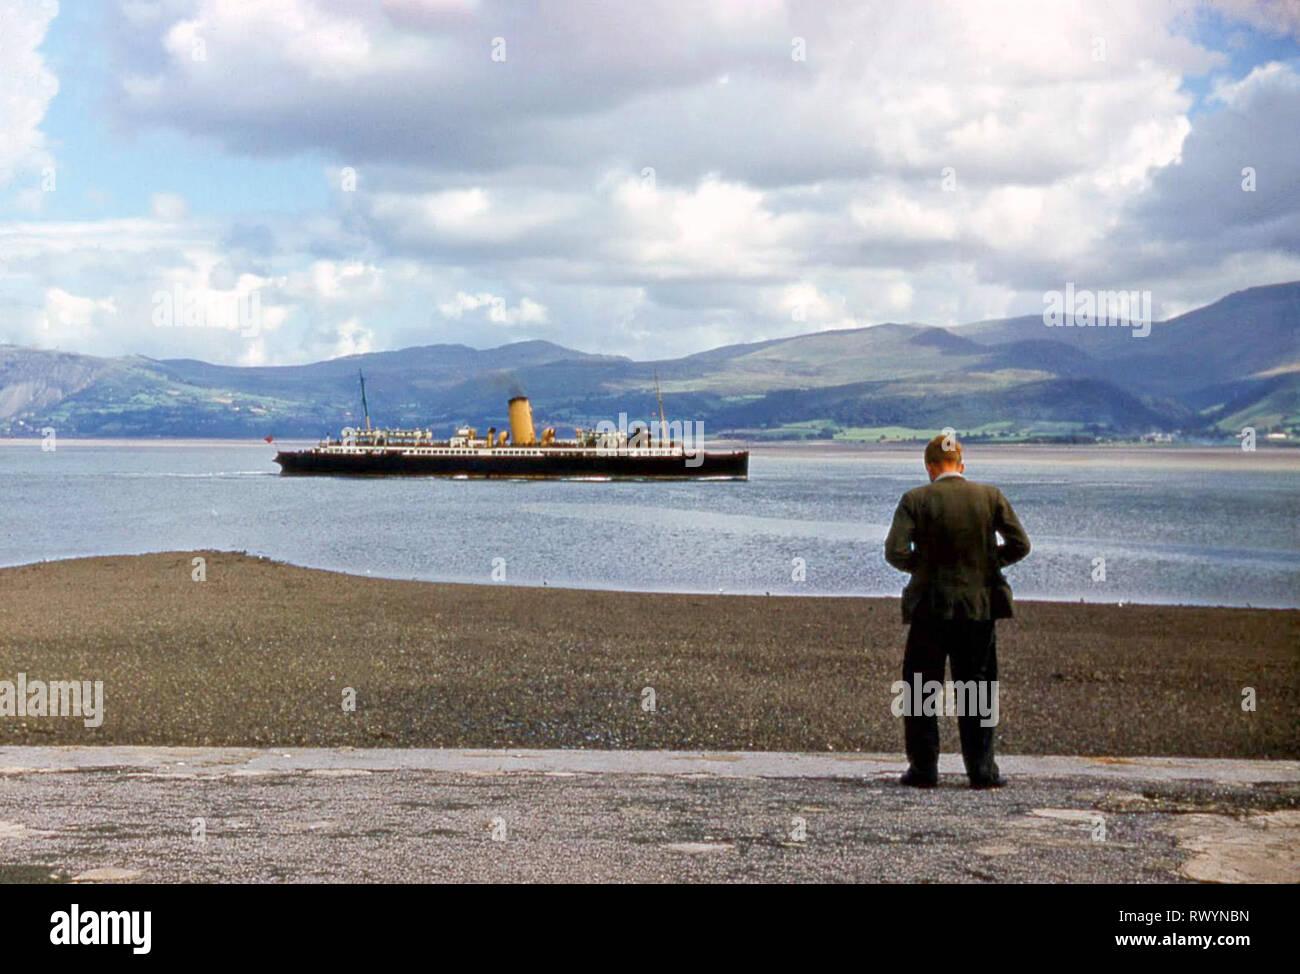 Joven tomando fotos cintura nivel histórico de cámara 1960 60s ver archivo St Tudno buques de pasajeros en el estrecho de Menai paisaje pasando Beaumaris UK Imagen De Stock